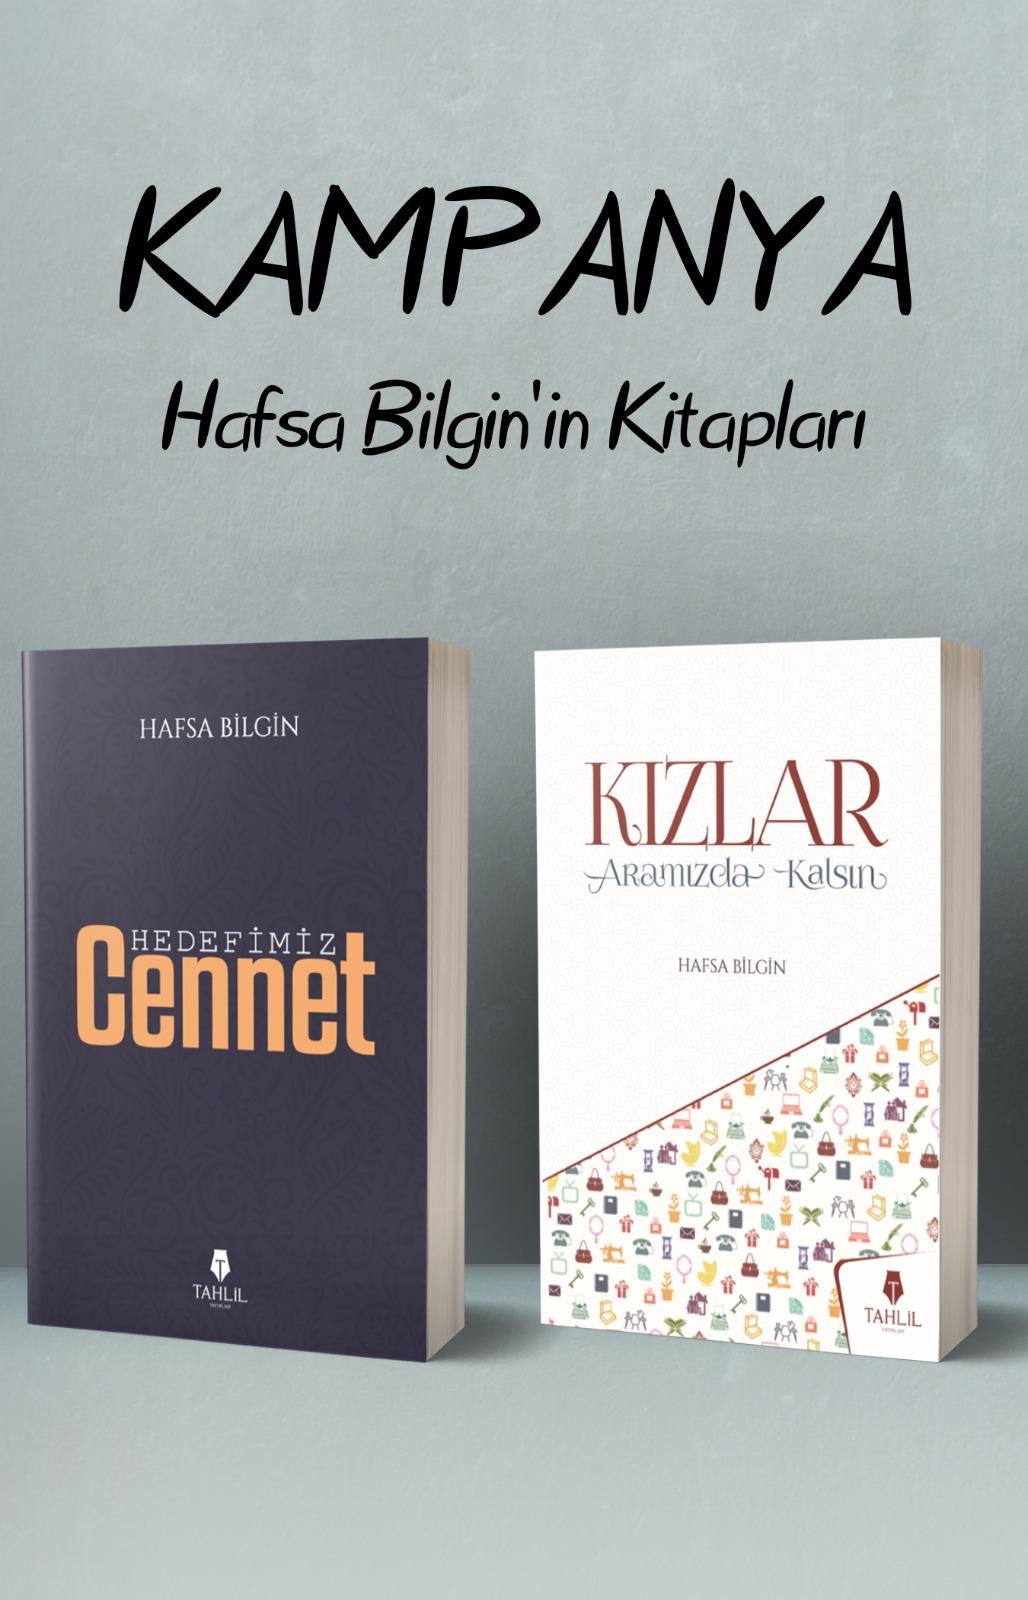 HAFSA BİLGİN SETİ